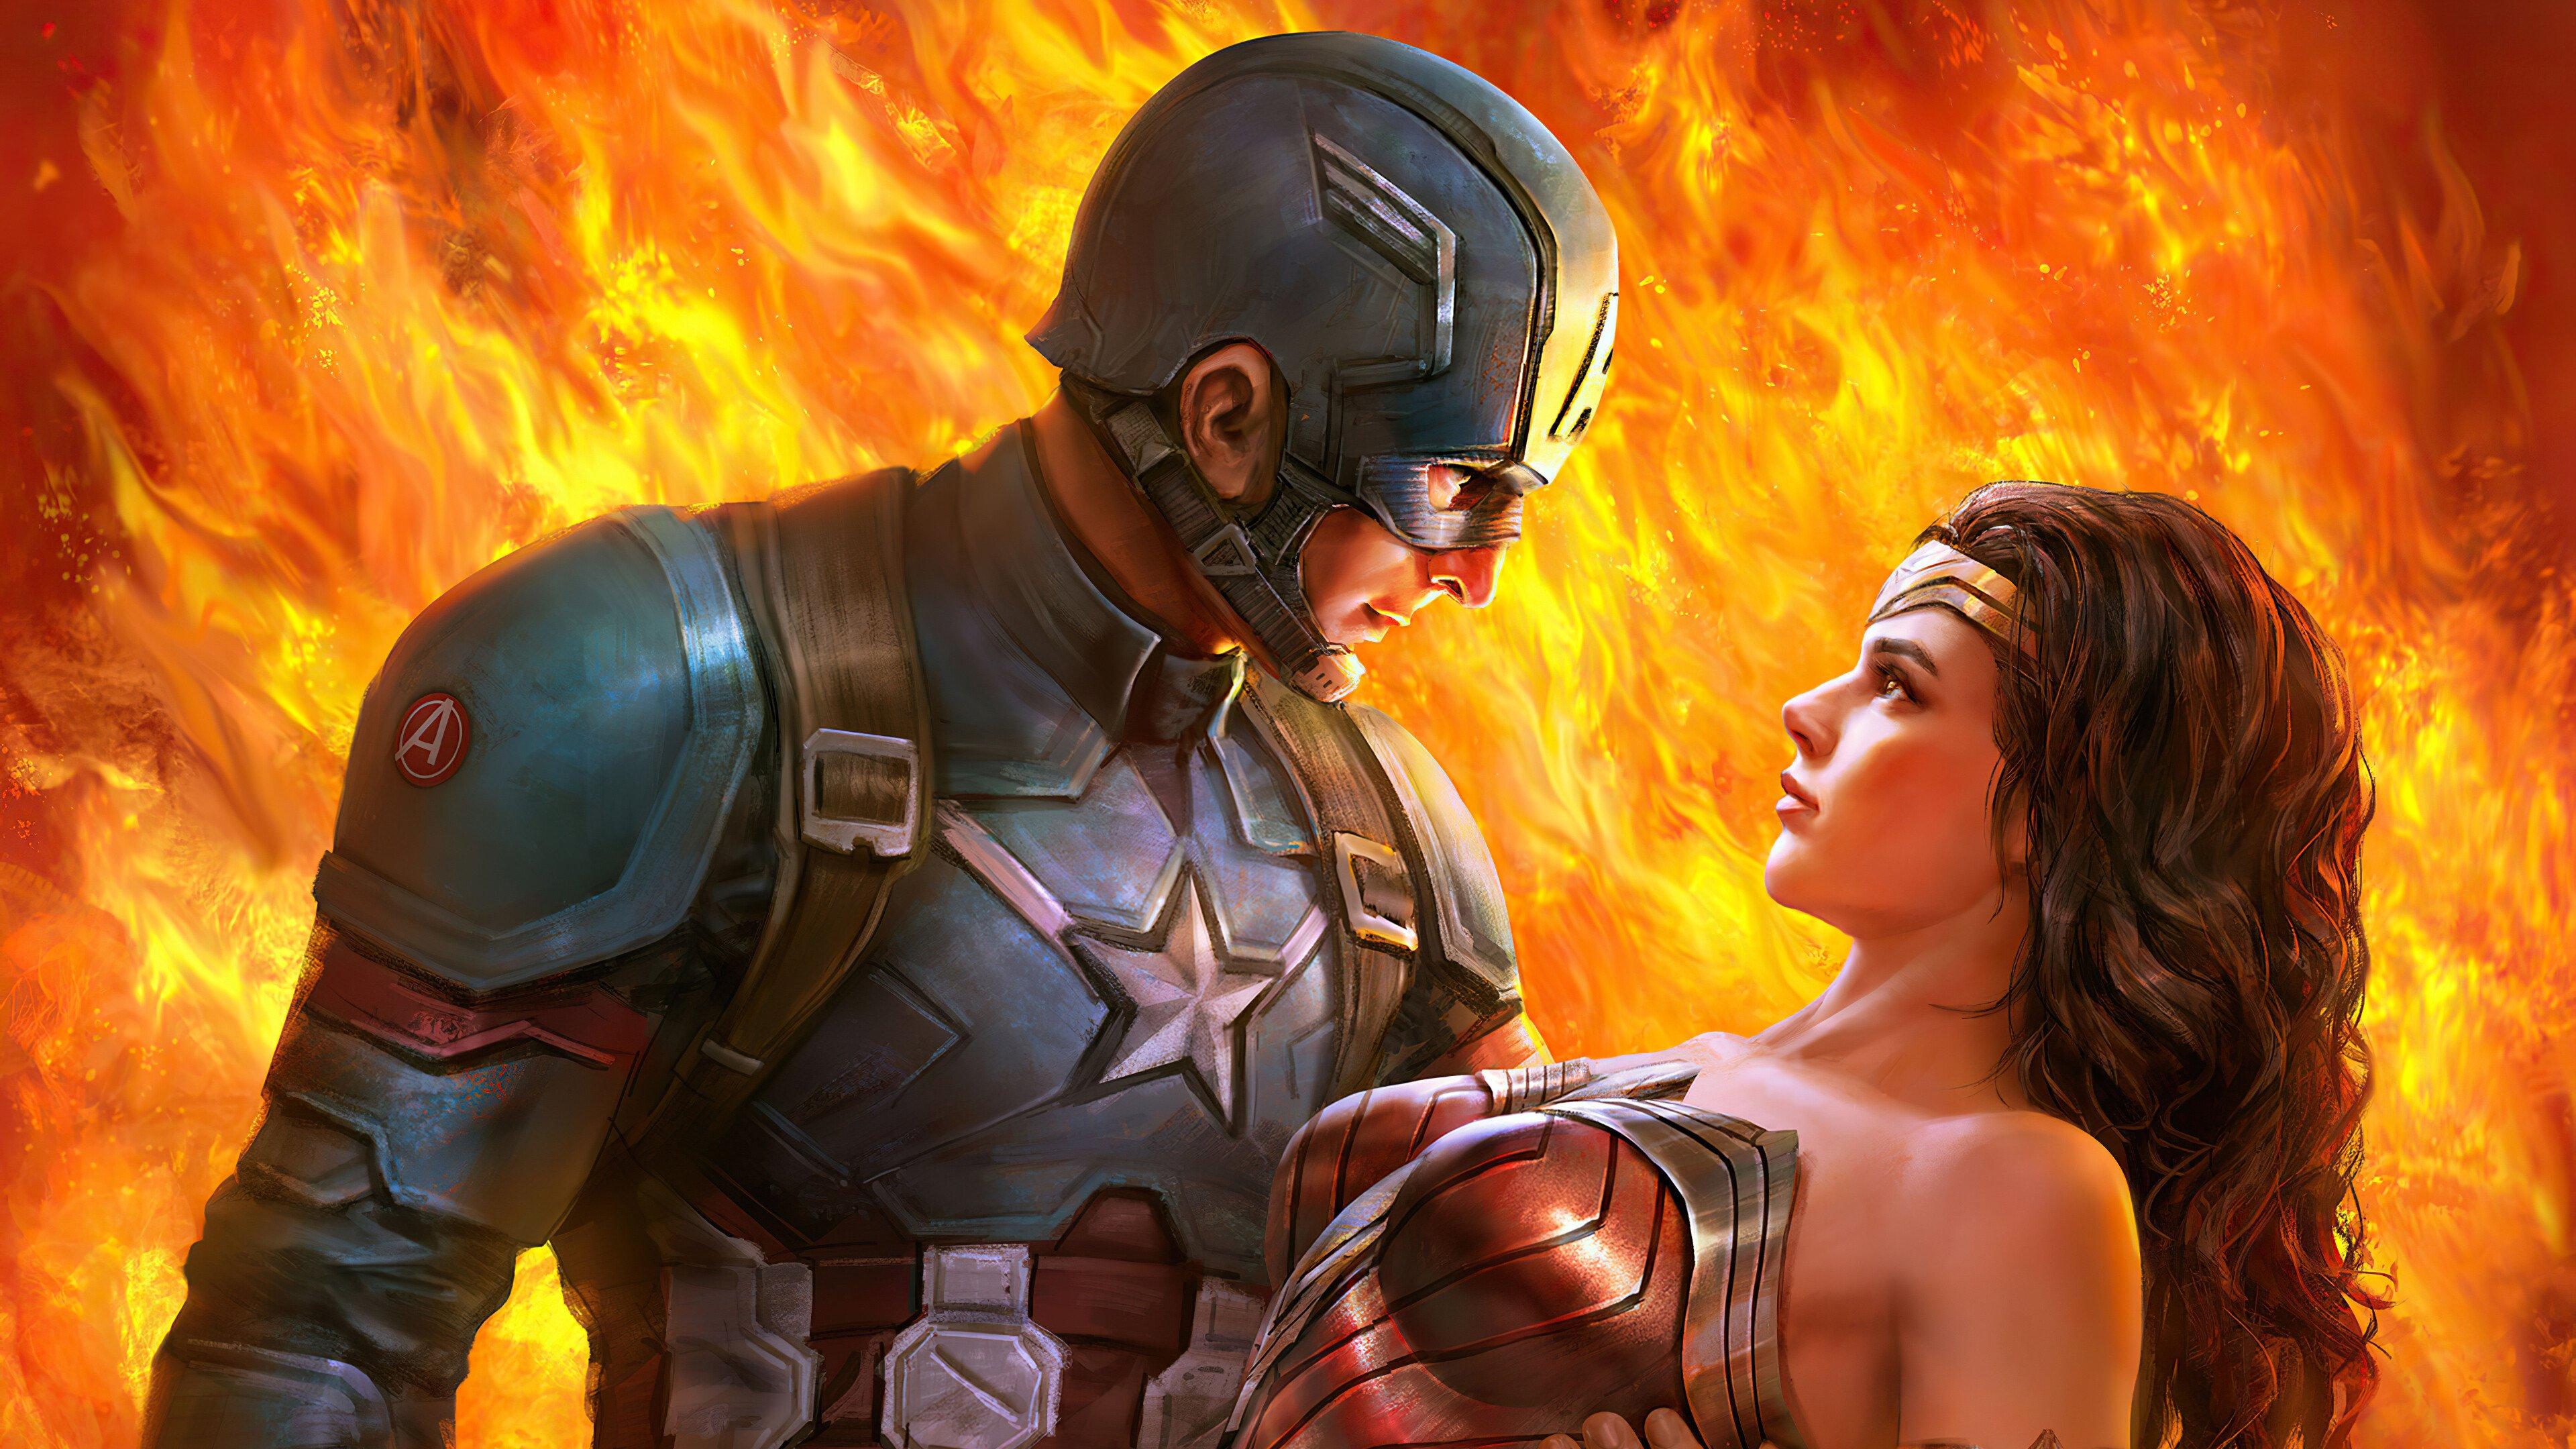 Fondos de pantalla Capitan America y la mujer maravilla